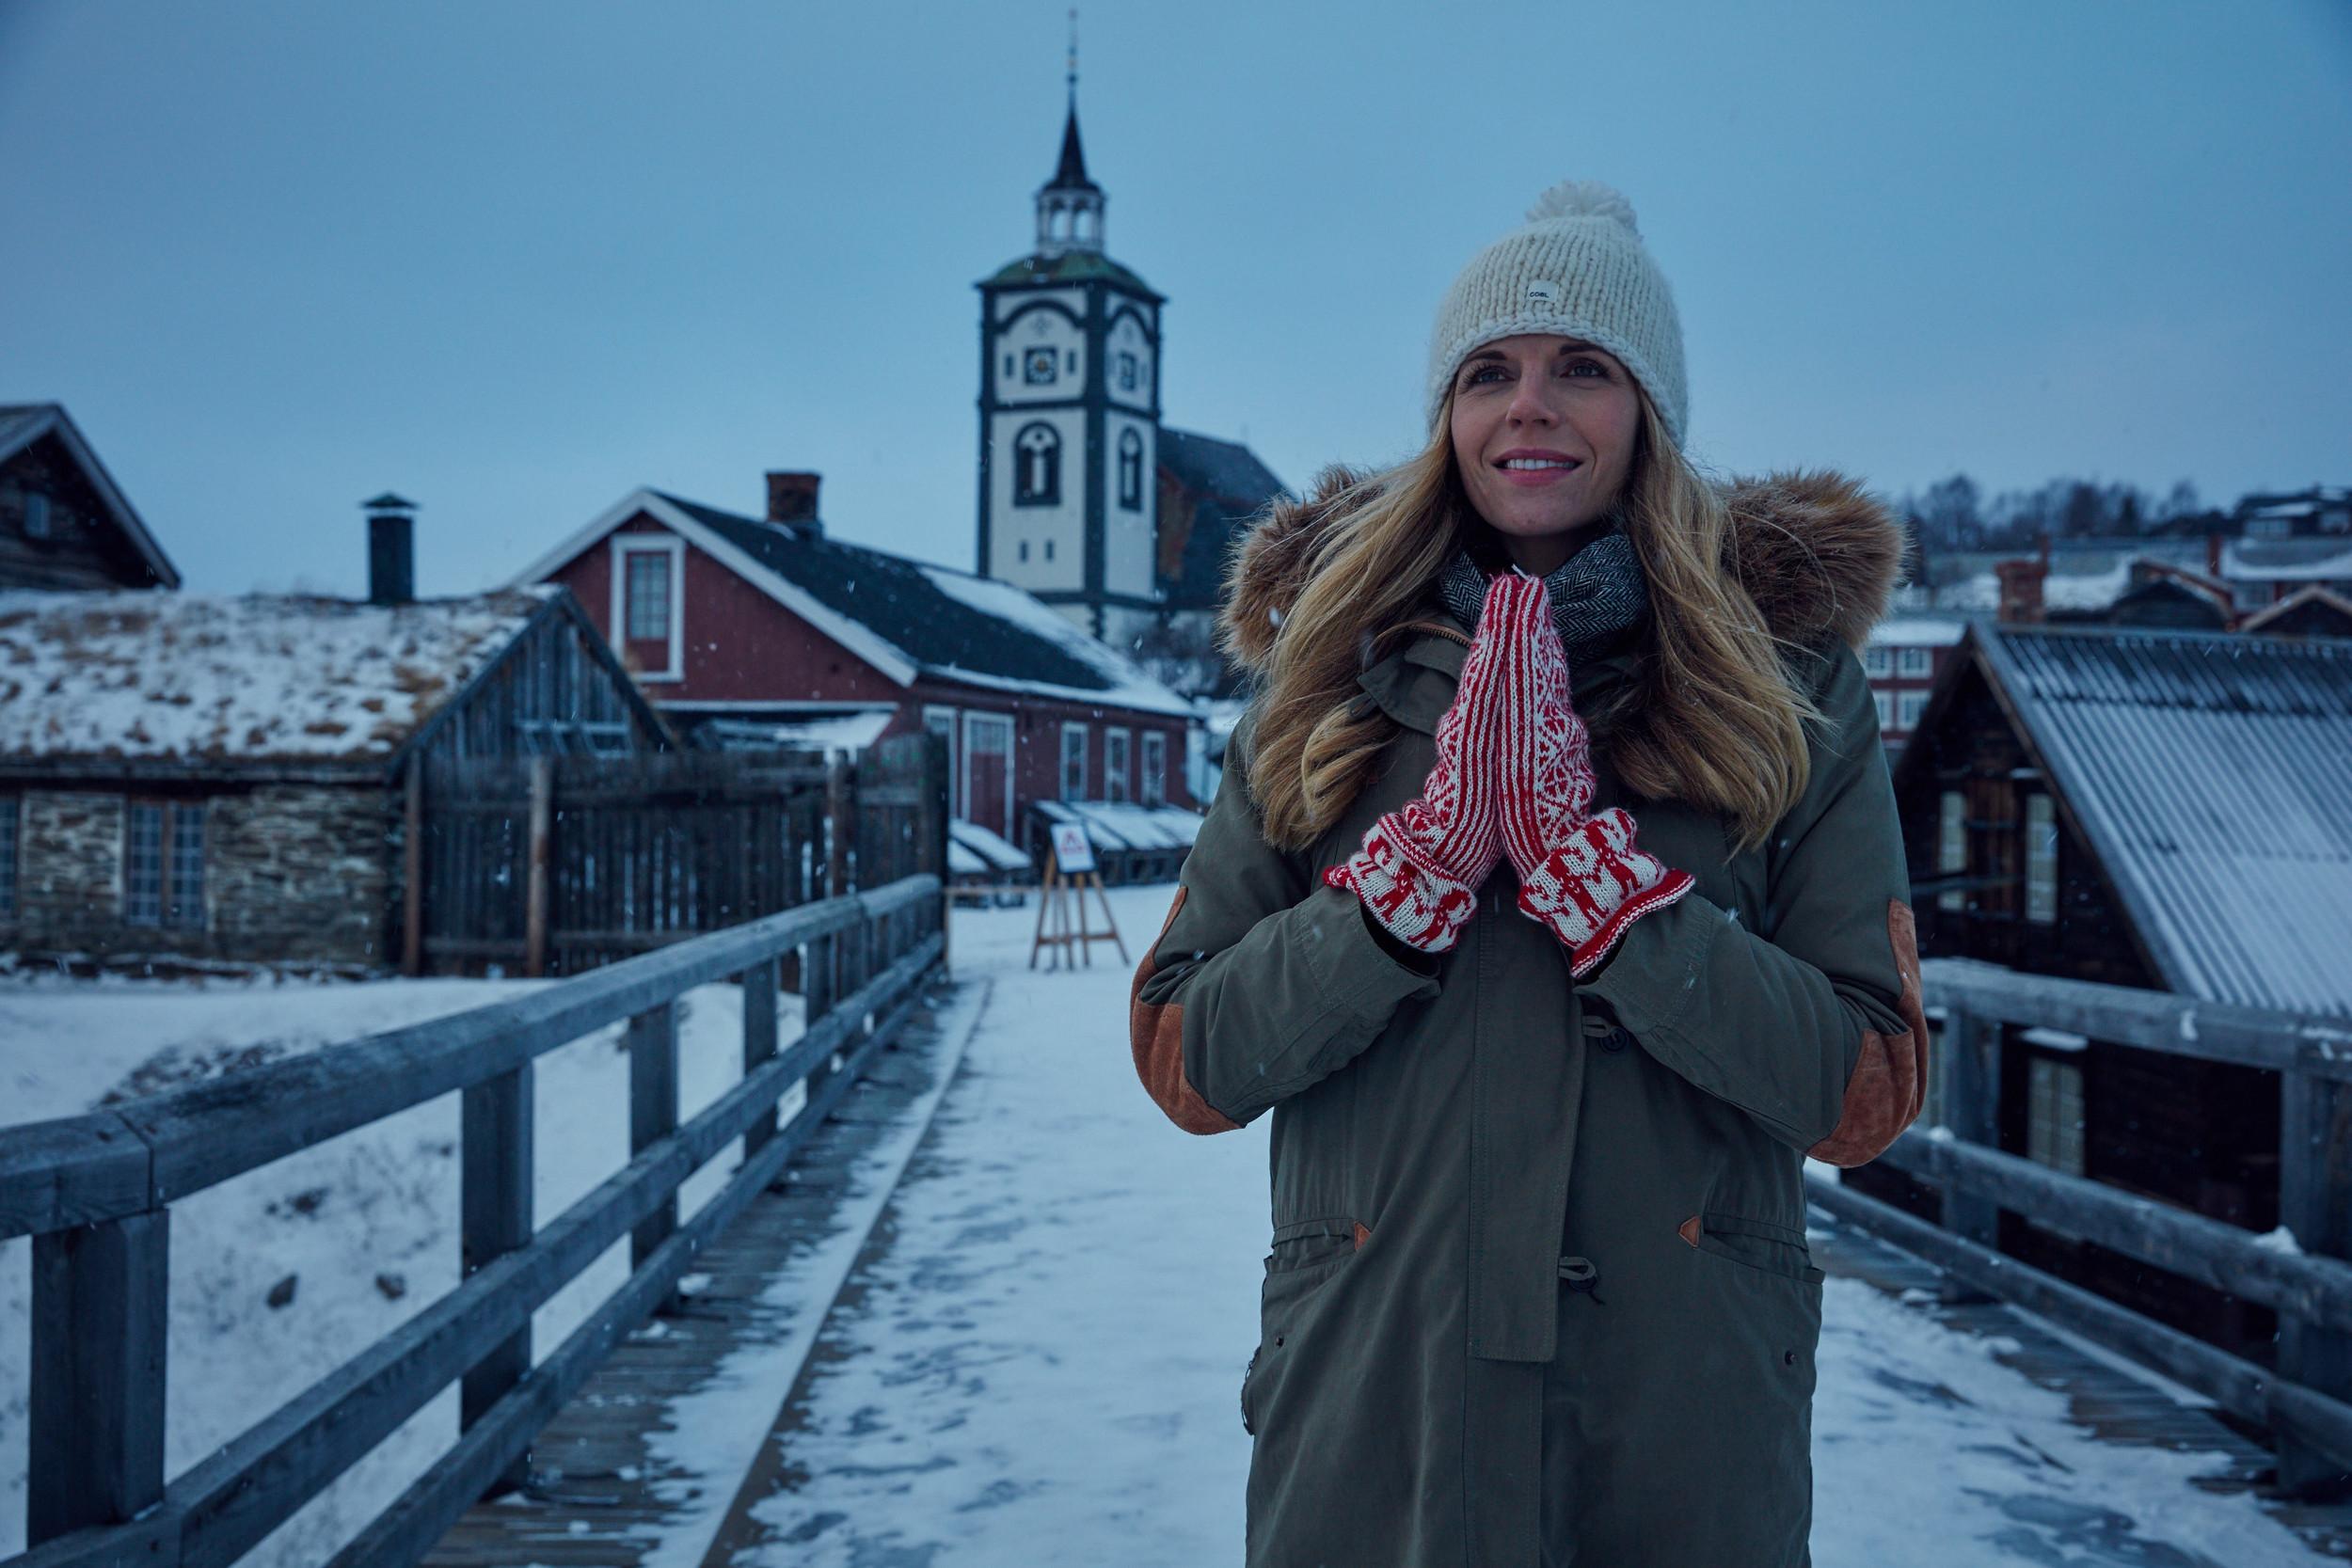 Personal_Norway_Christmas2015__MG_3173.jpg